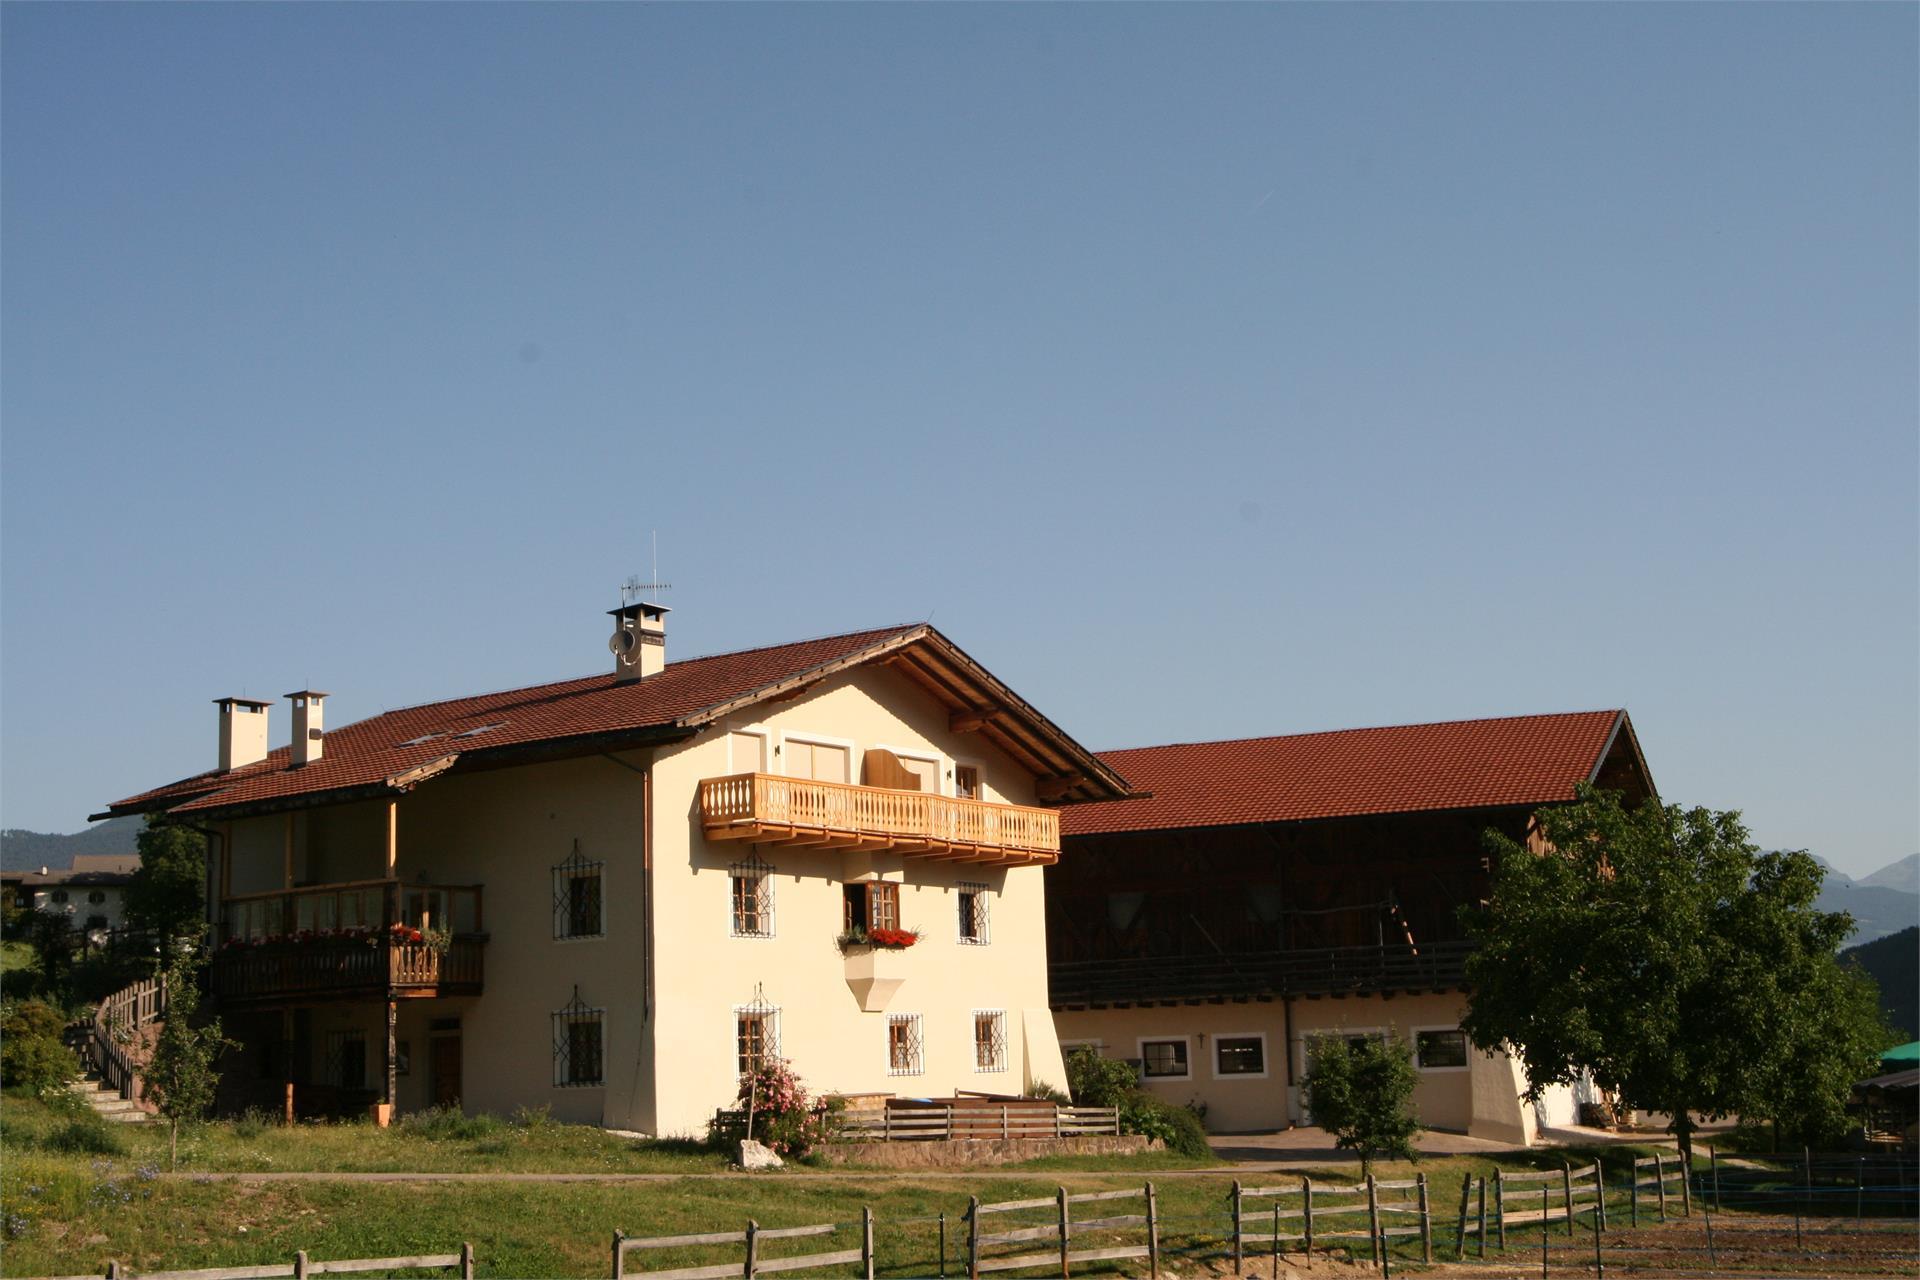 Aussenansicht Haus und Hof, Trafunshof- Völs am Schlern